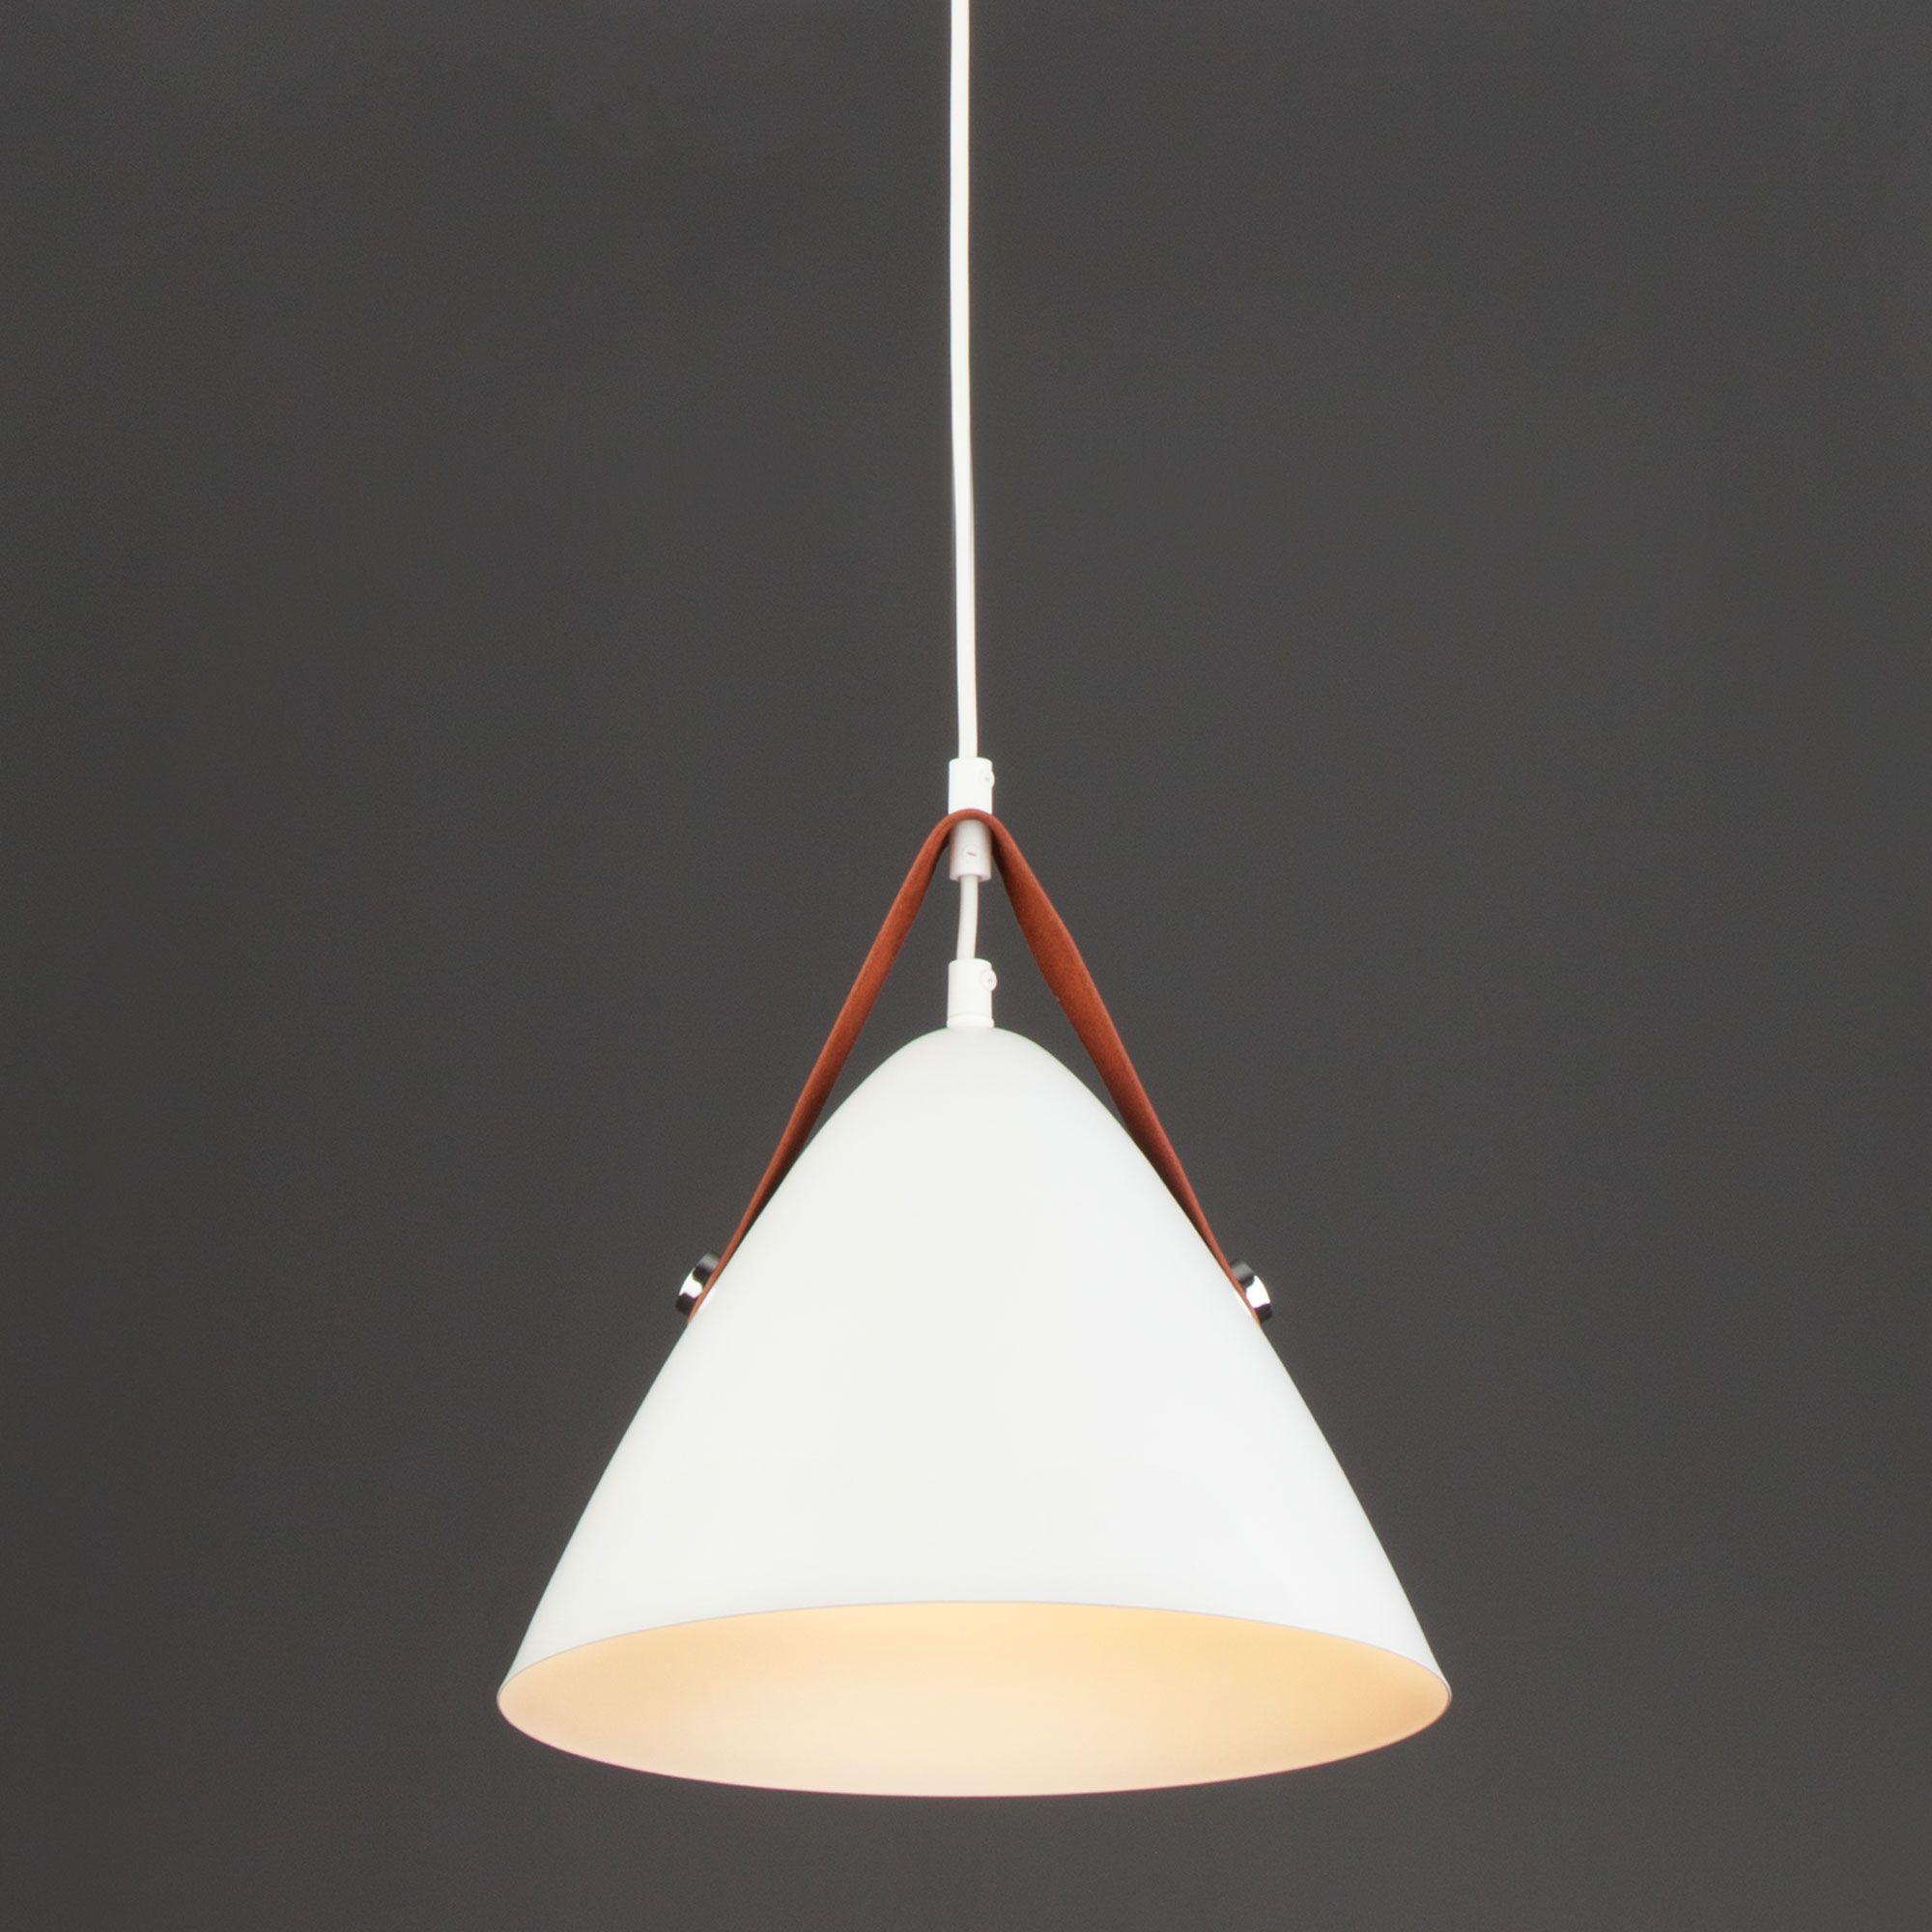 Подвесной светильник 50141/1 белый